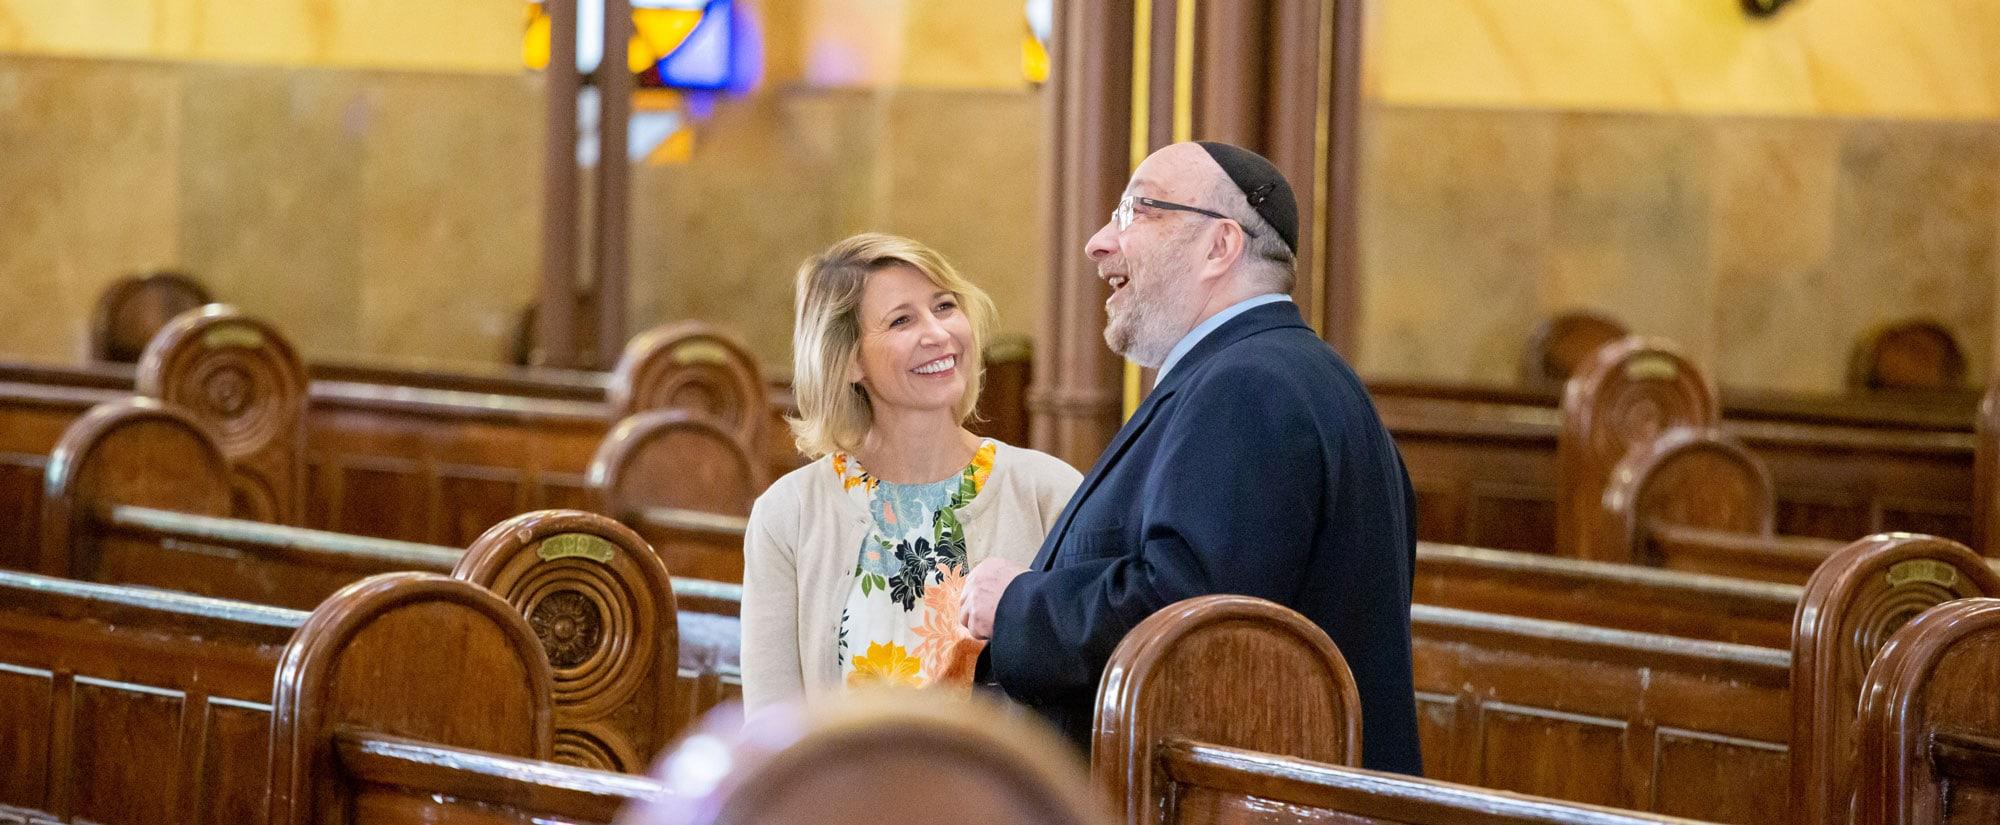 synagogue_budapest.jpg